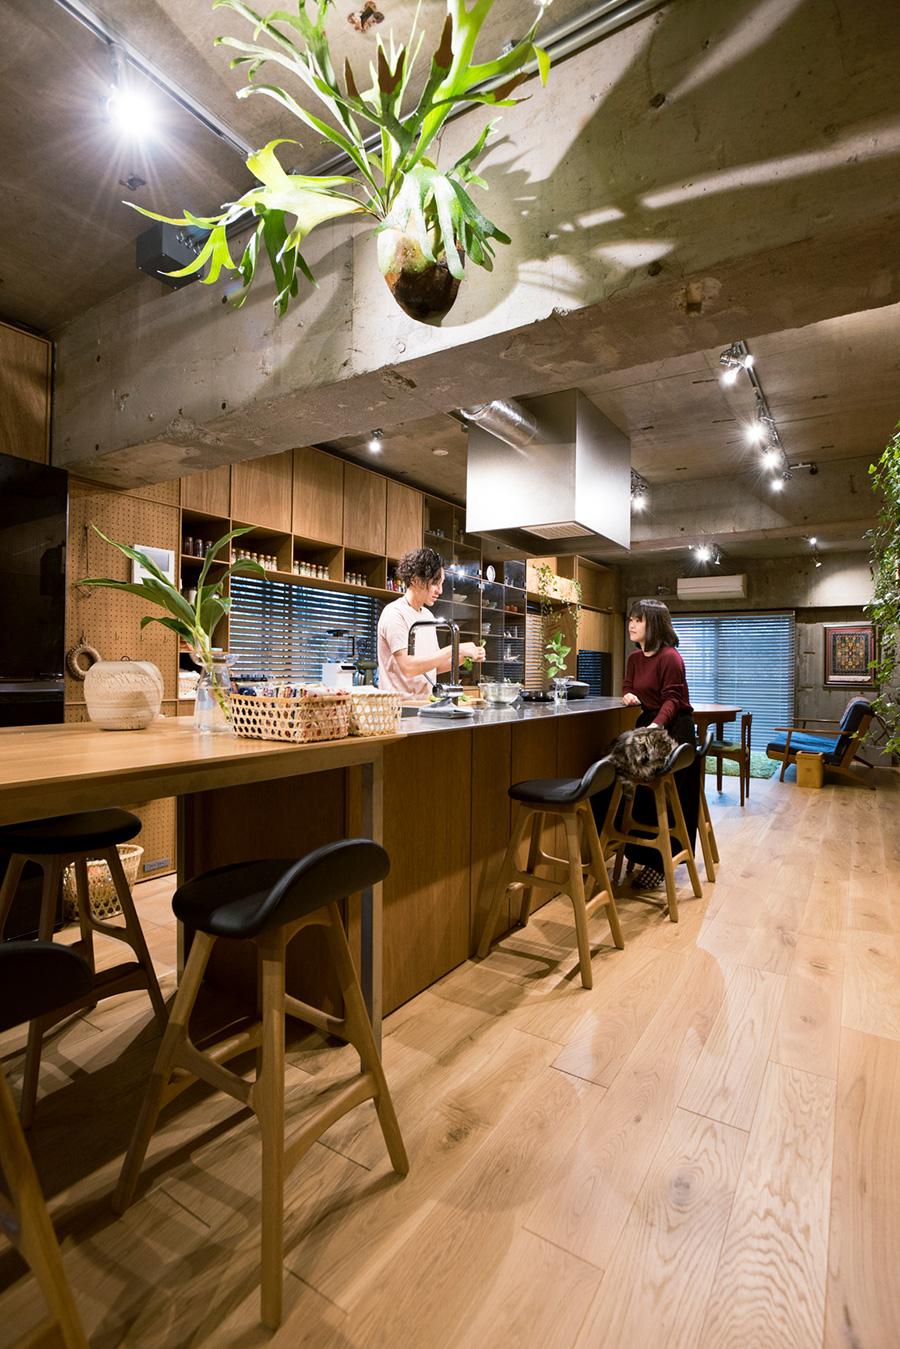 カウンターテーブルとキッチンカウンターが中心に構える。「てとてと」は、豪希さんが料理を担当、ライフスタイルデザイナーの桃子さんが企画を推進する。